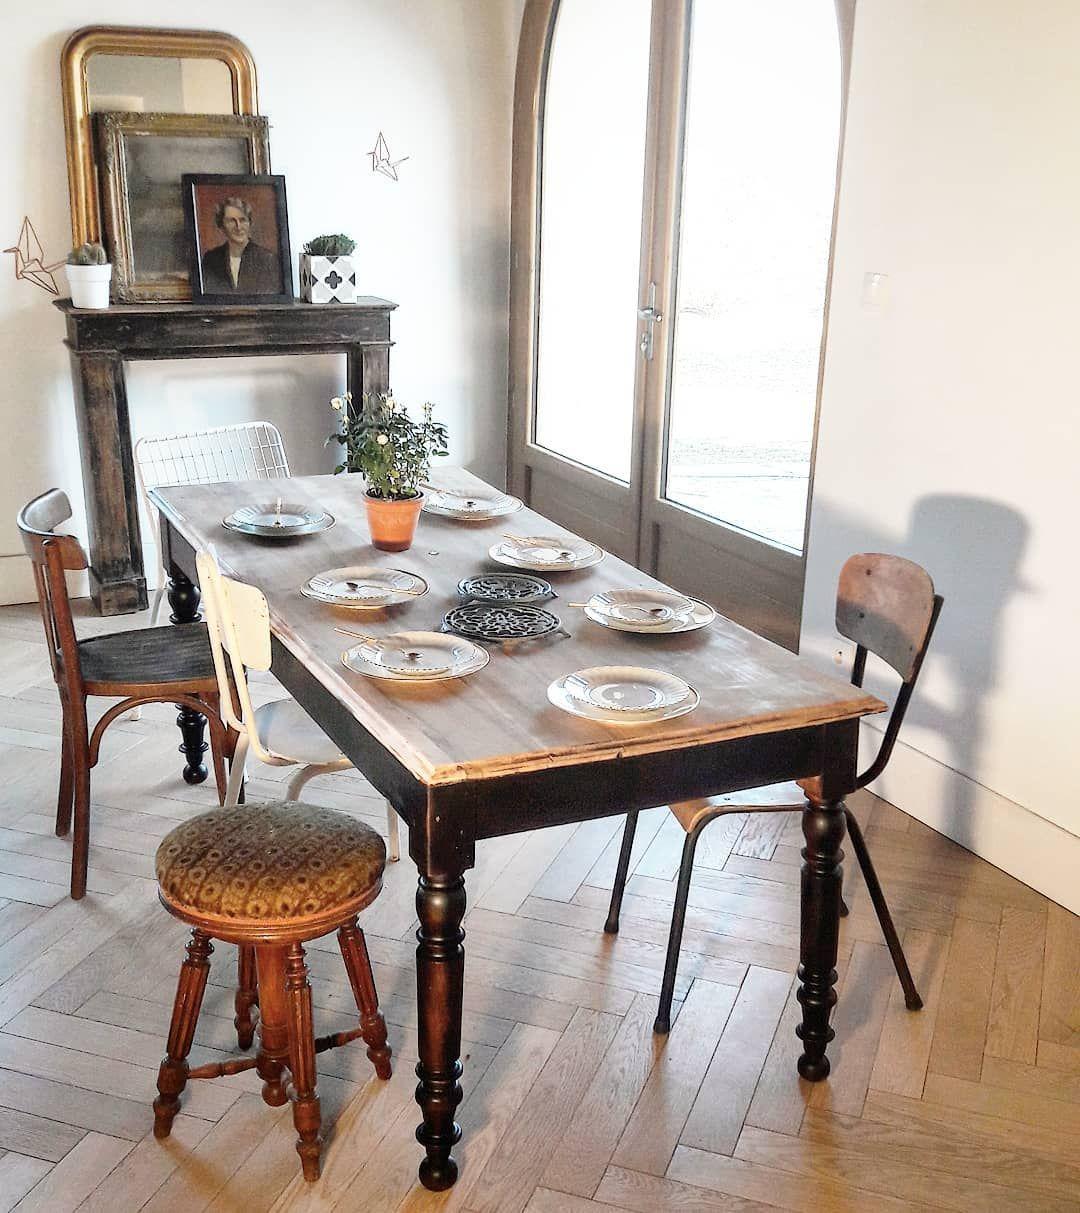 vendre table de ferme avec pieds tournés info en MP dim 12m12xl12cm ...